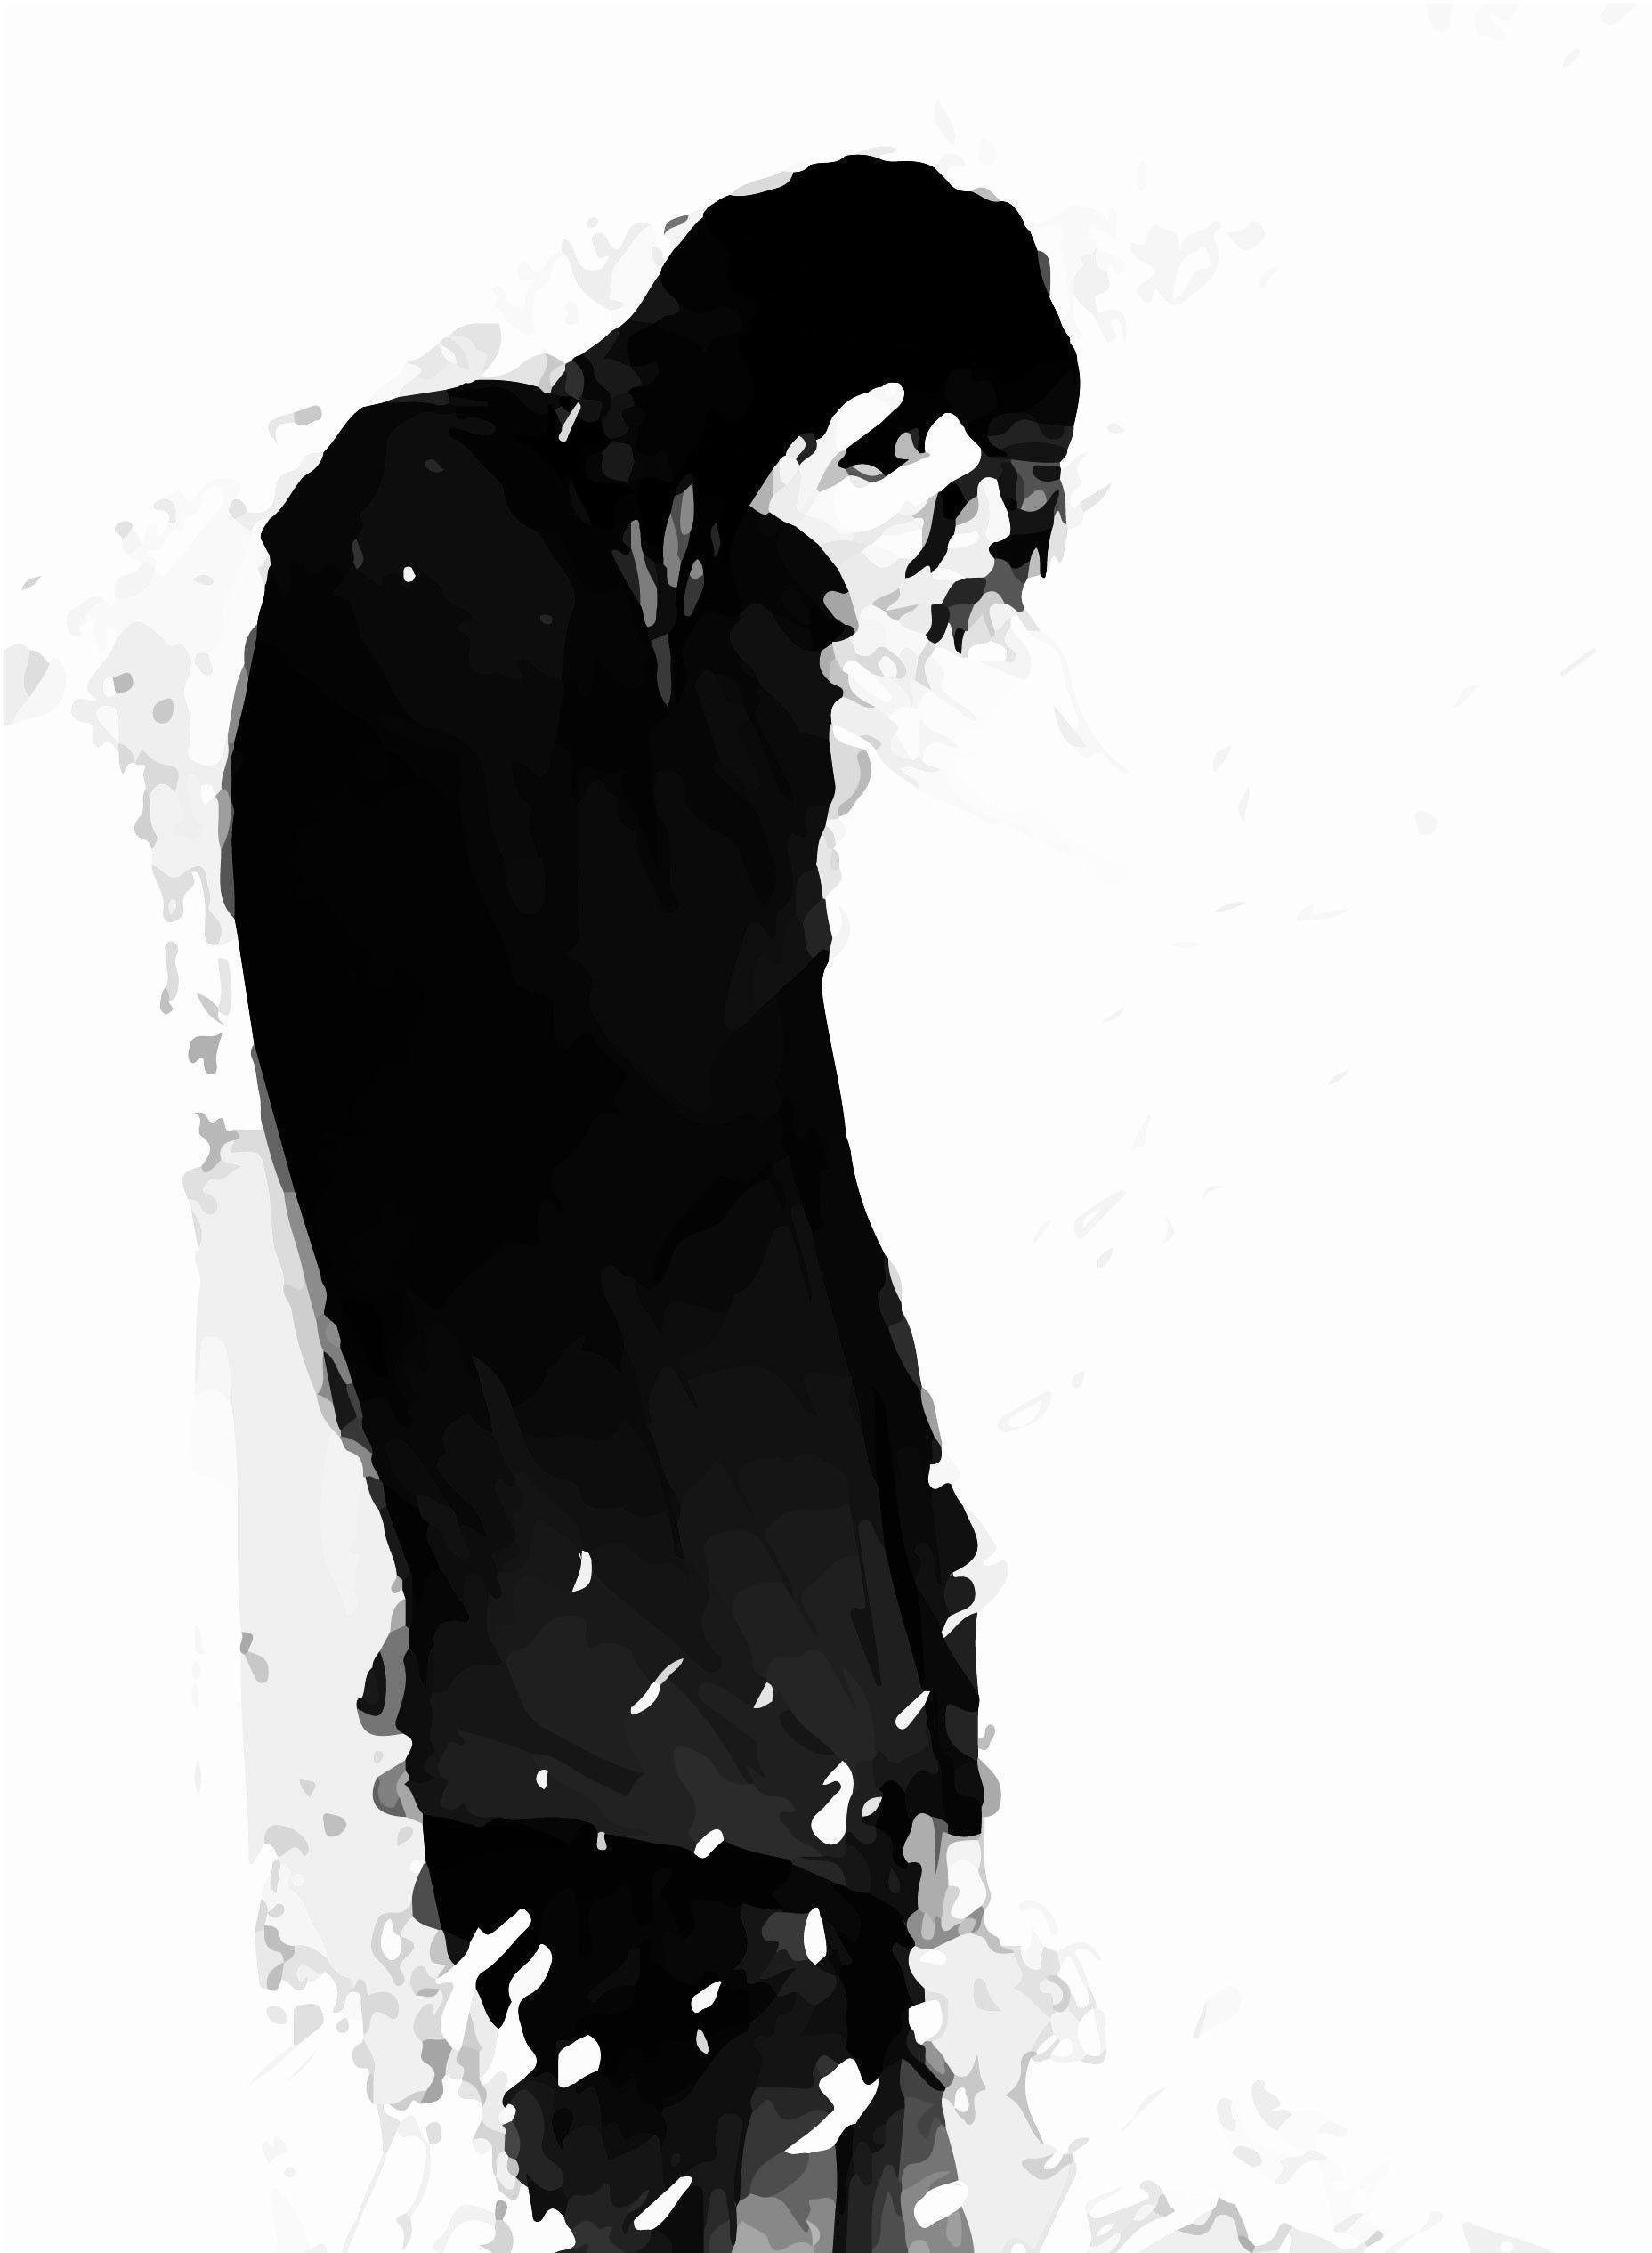 Sad Crying Anime Wallpapers - Top Free Sad Crying Anime ...